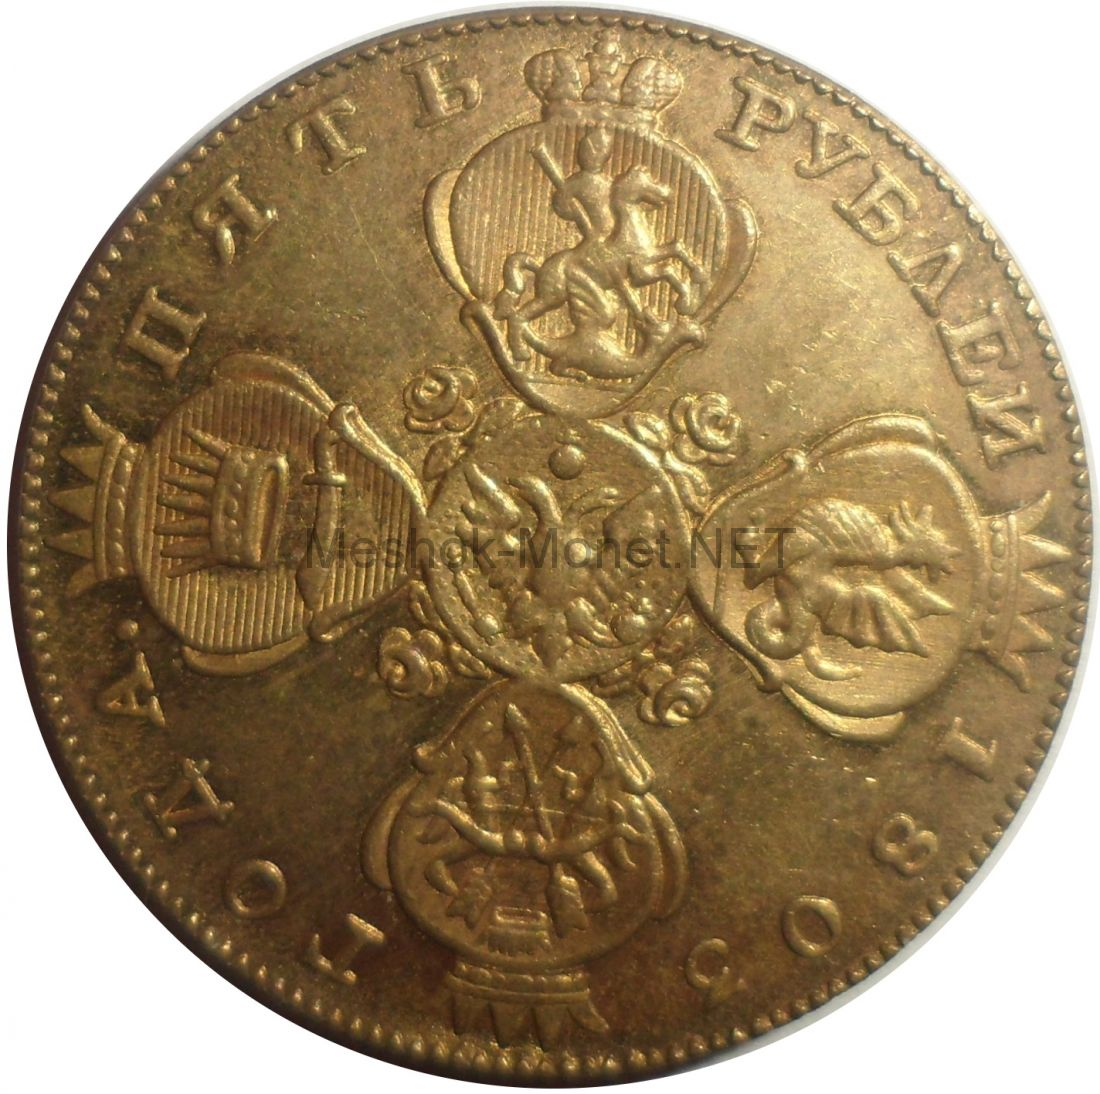 Копия монеты 5 рублей 1803 года СПБ-ХЛ